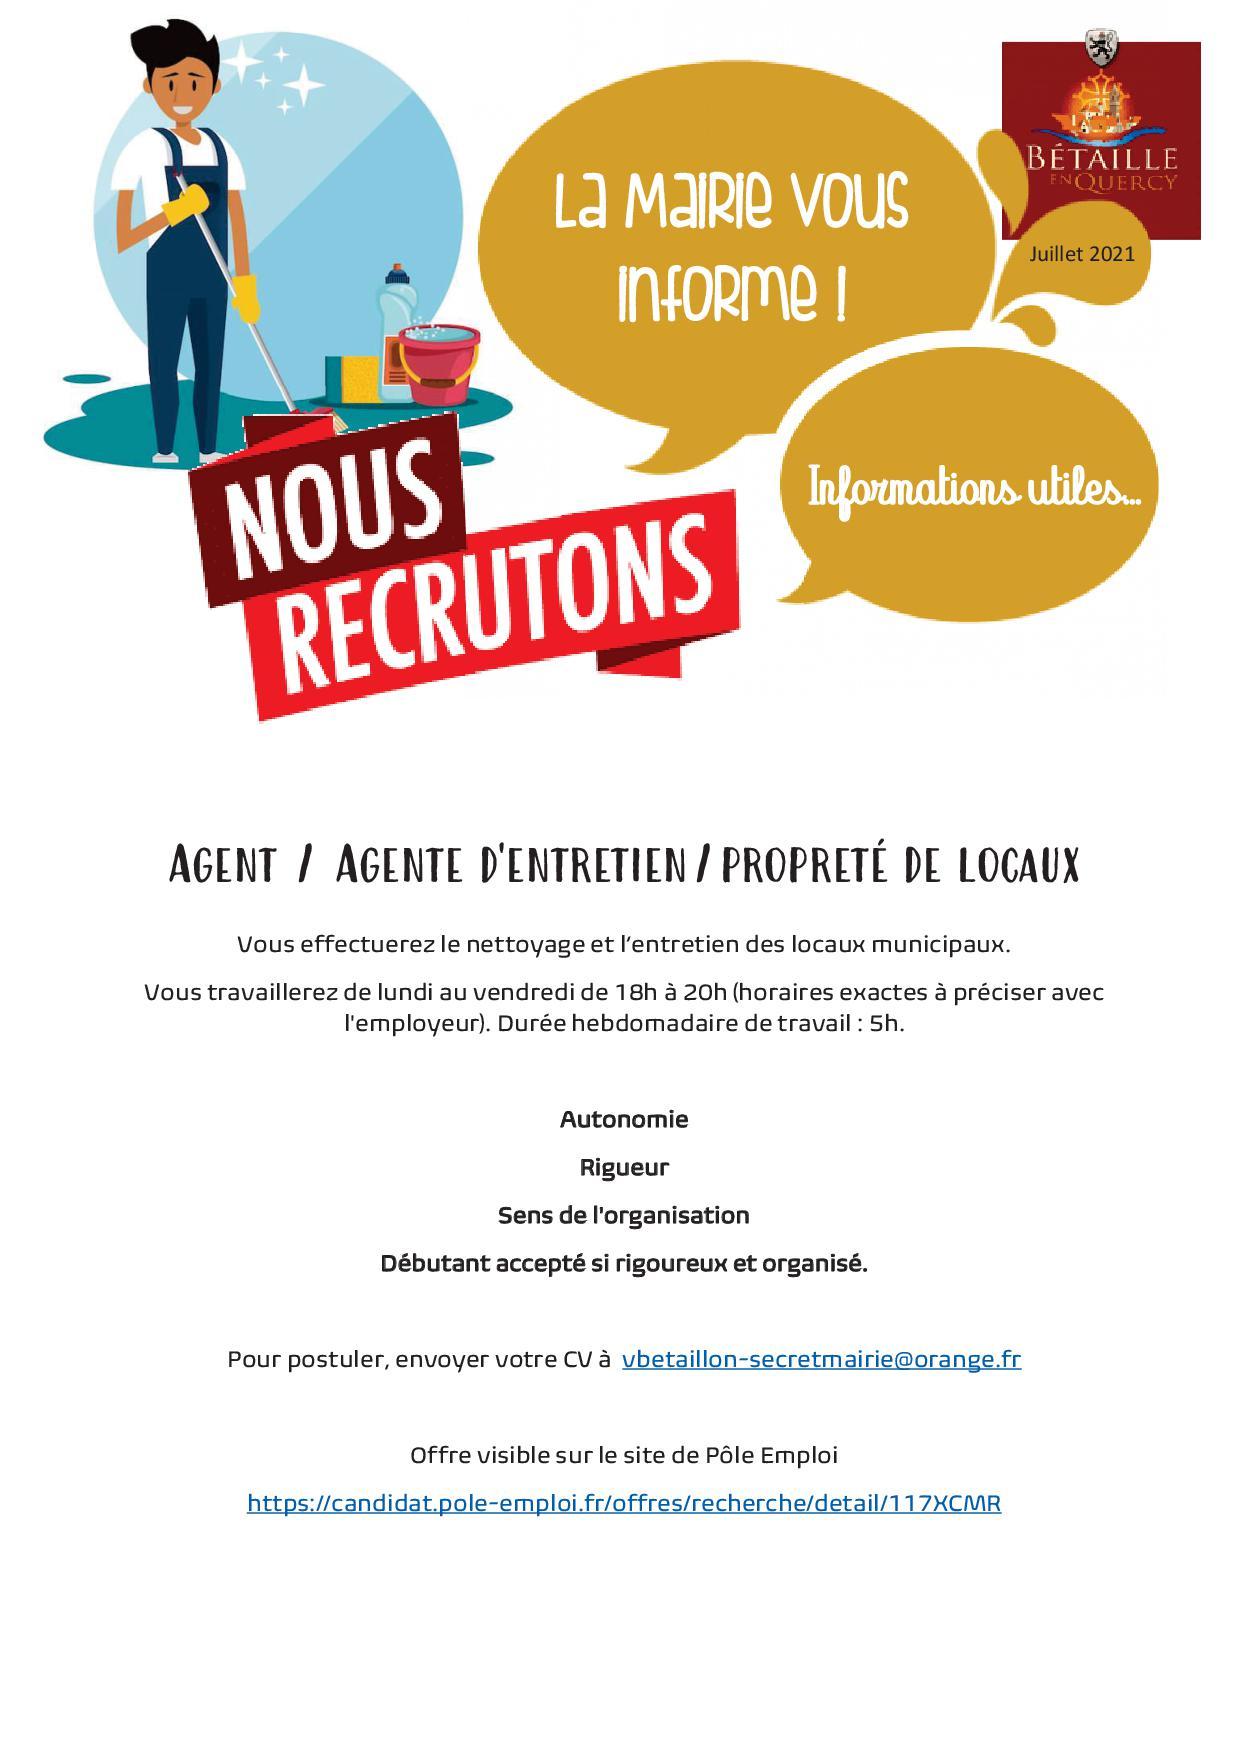 La-Mairie-vous-informe_agent-dentretien.jpg